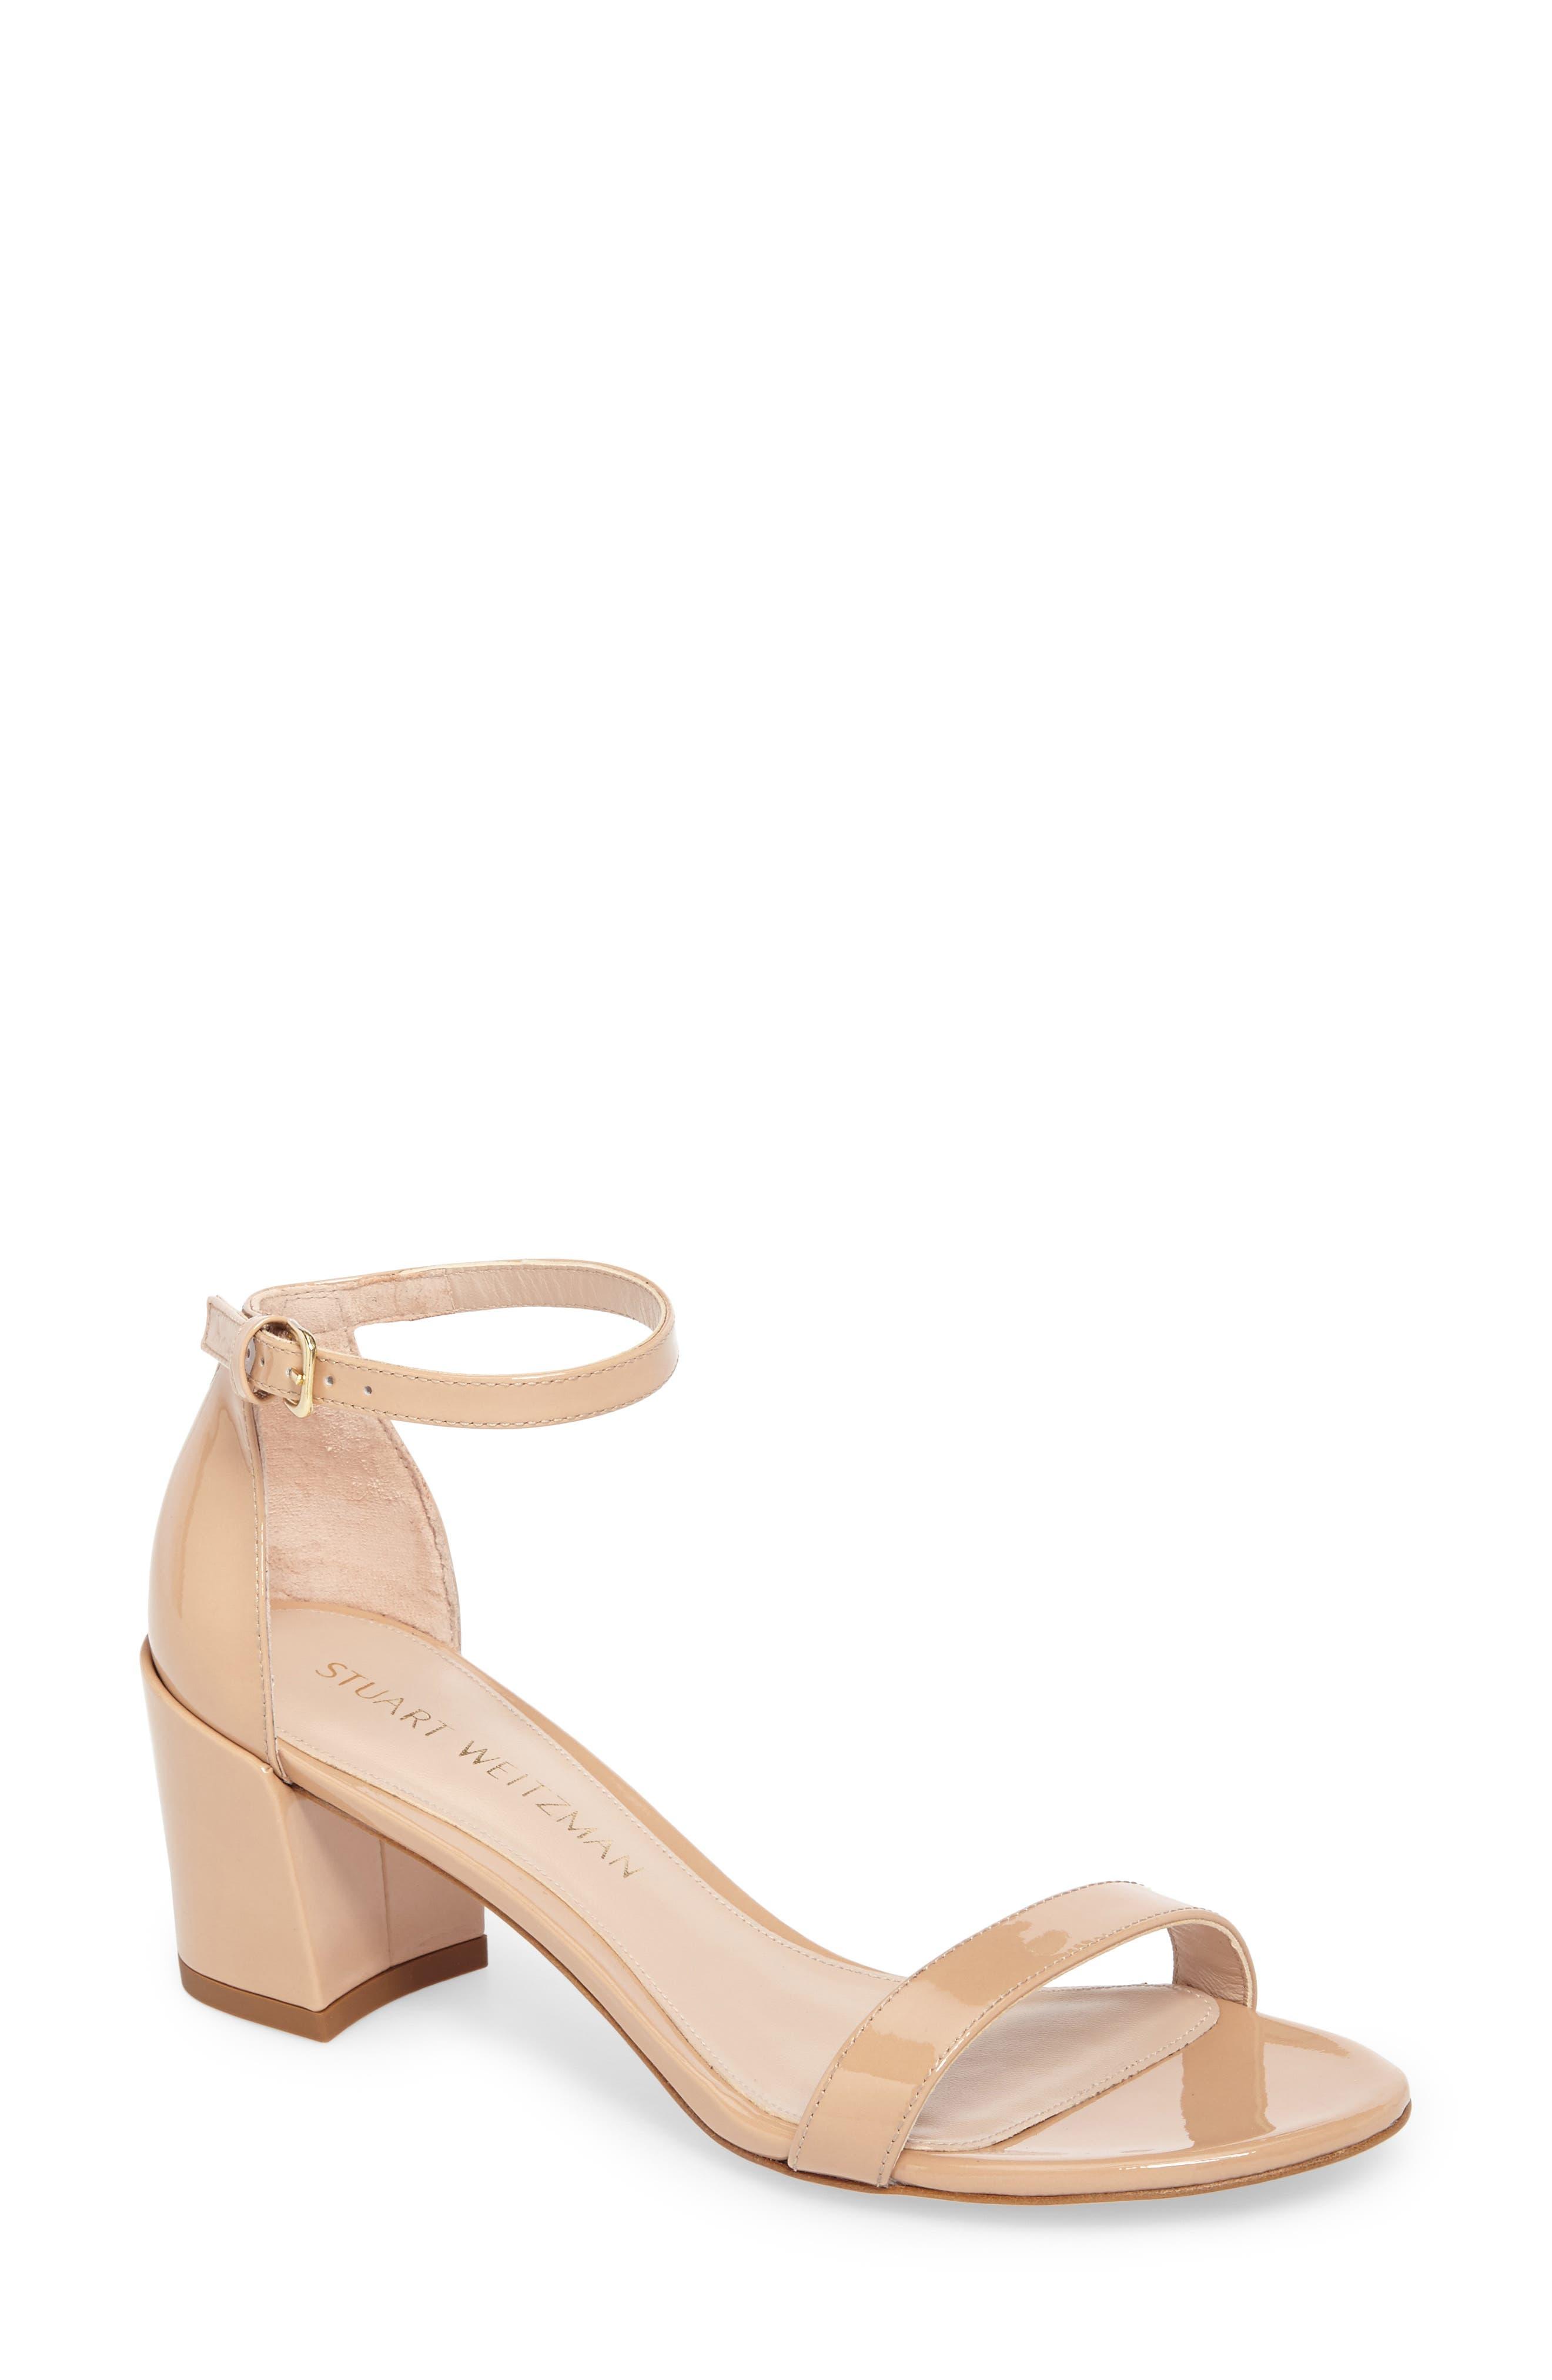 d2ad551fa3d5 Block-Heel Sandals for Women